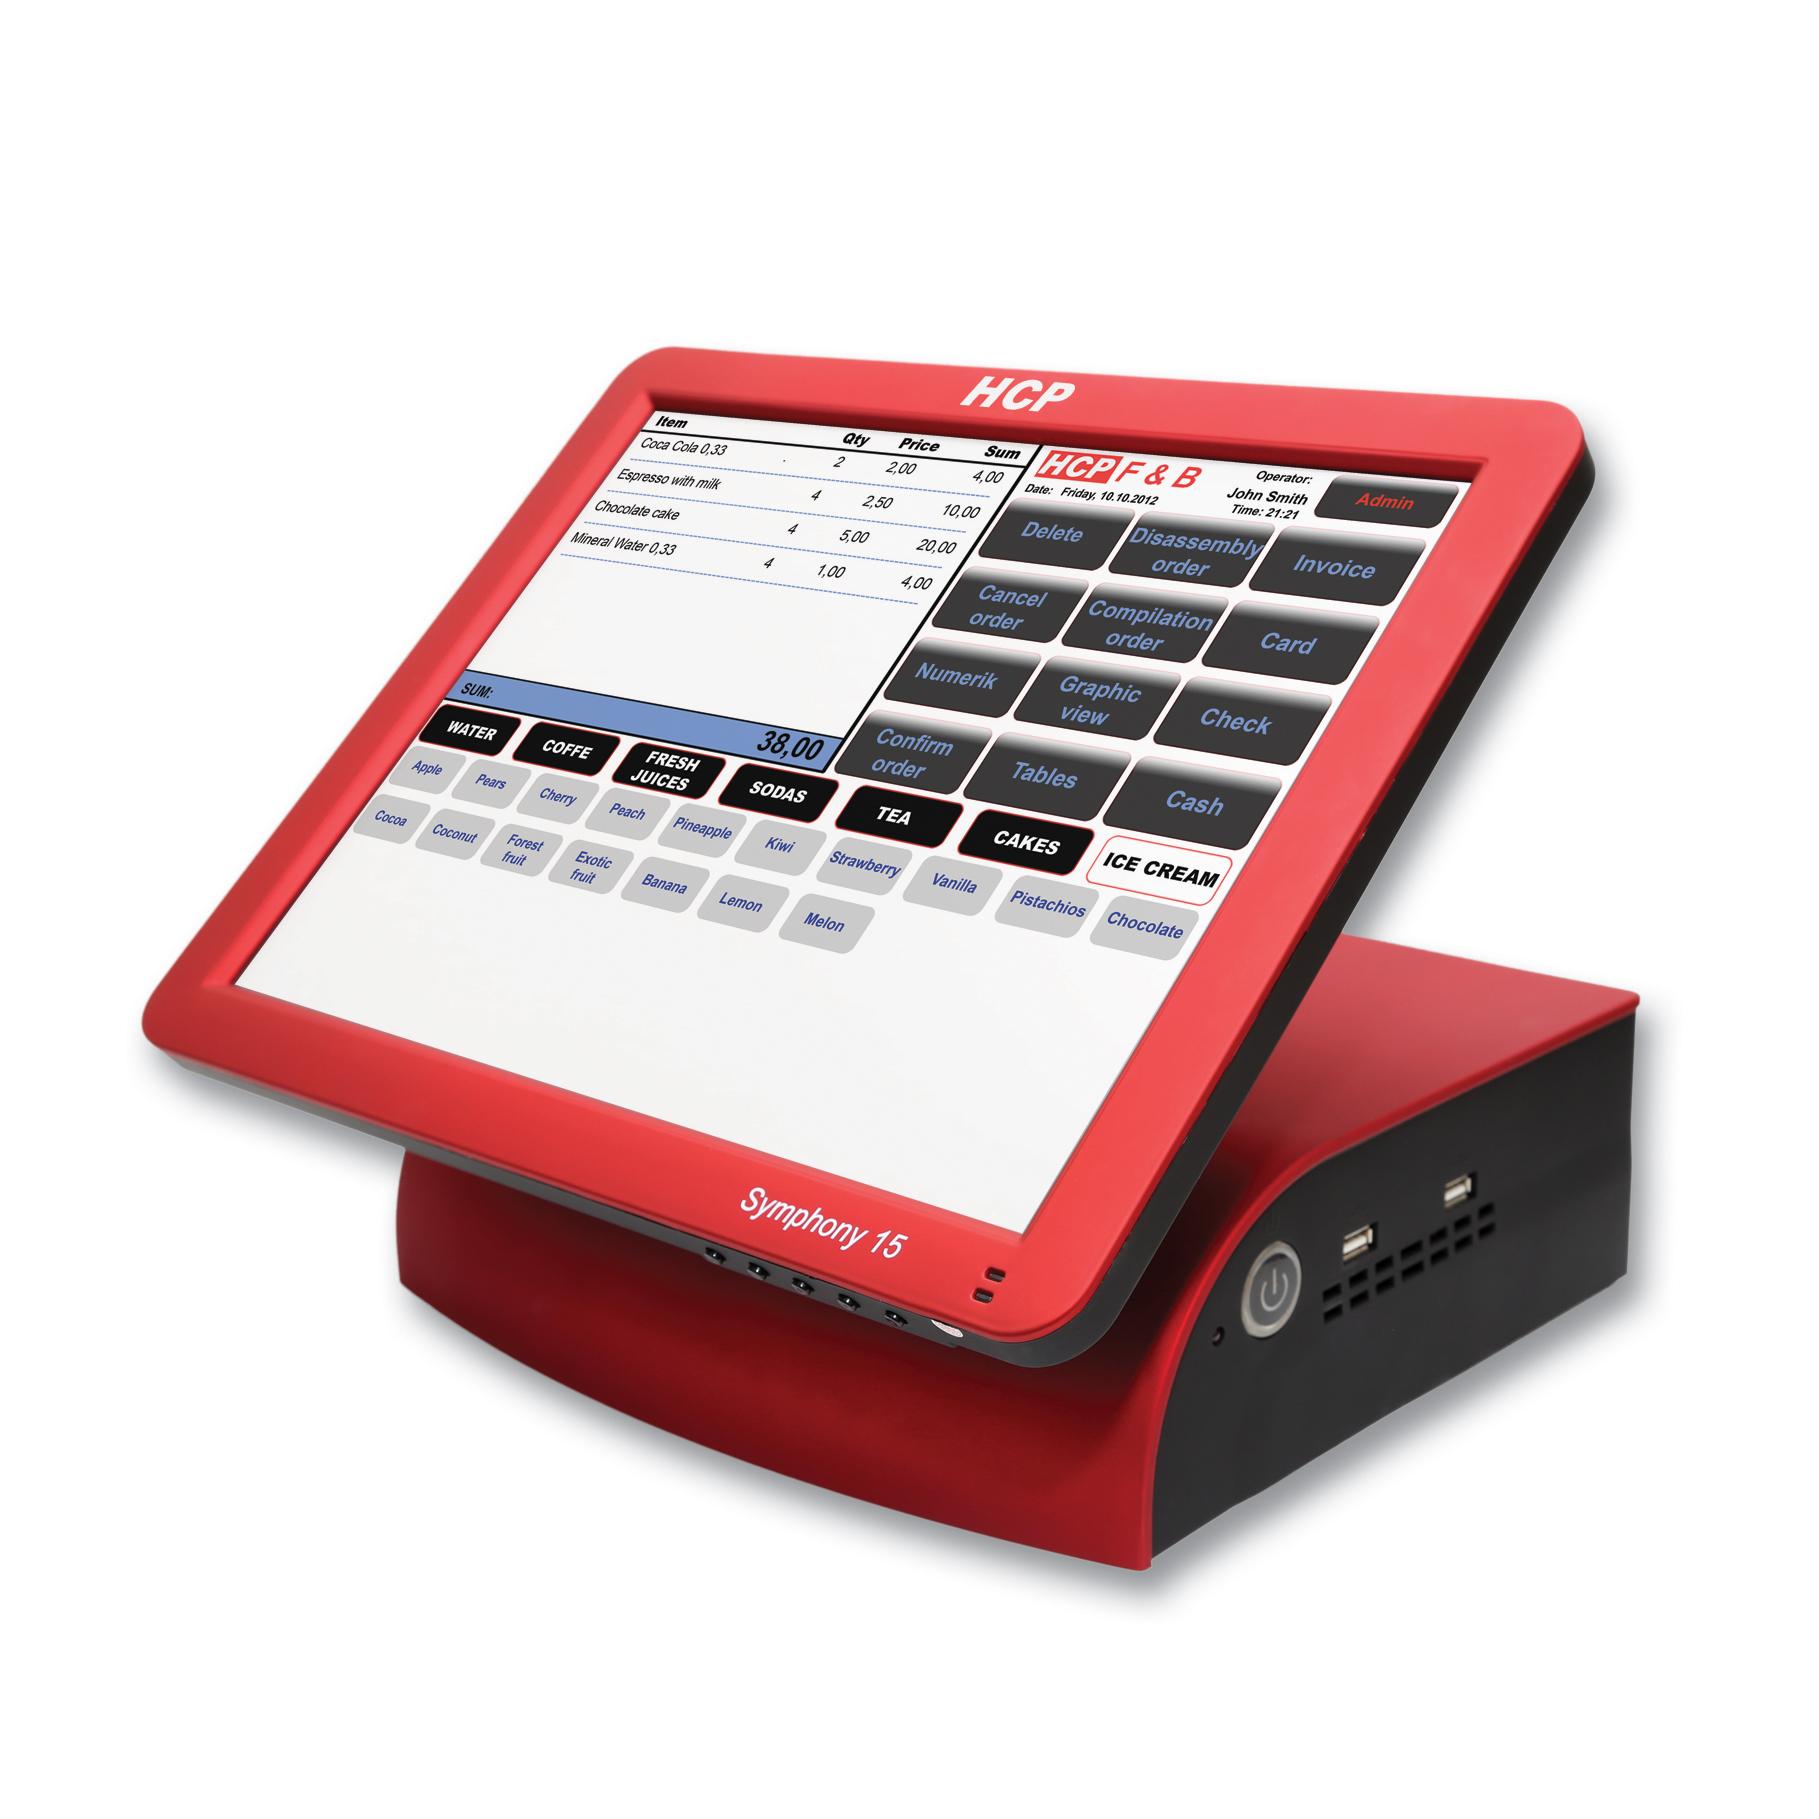 HCP Symphony 15W POS uređaj bez OS-a